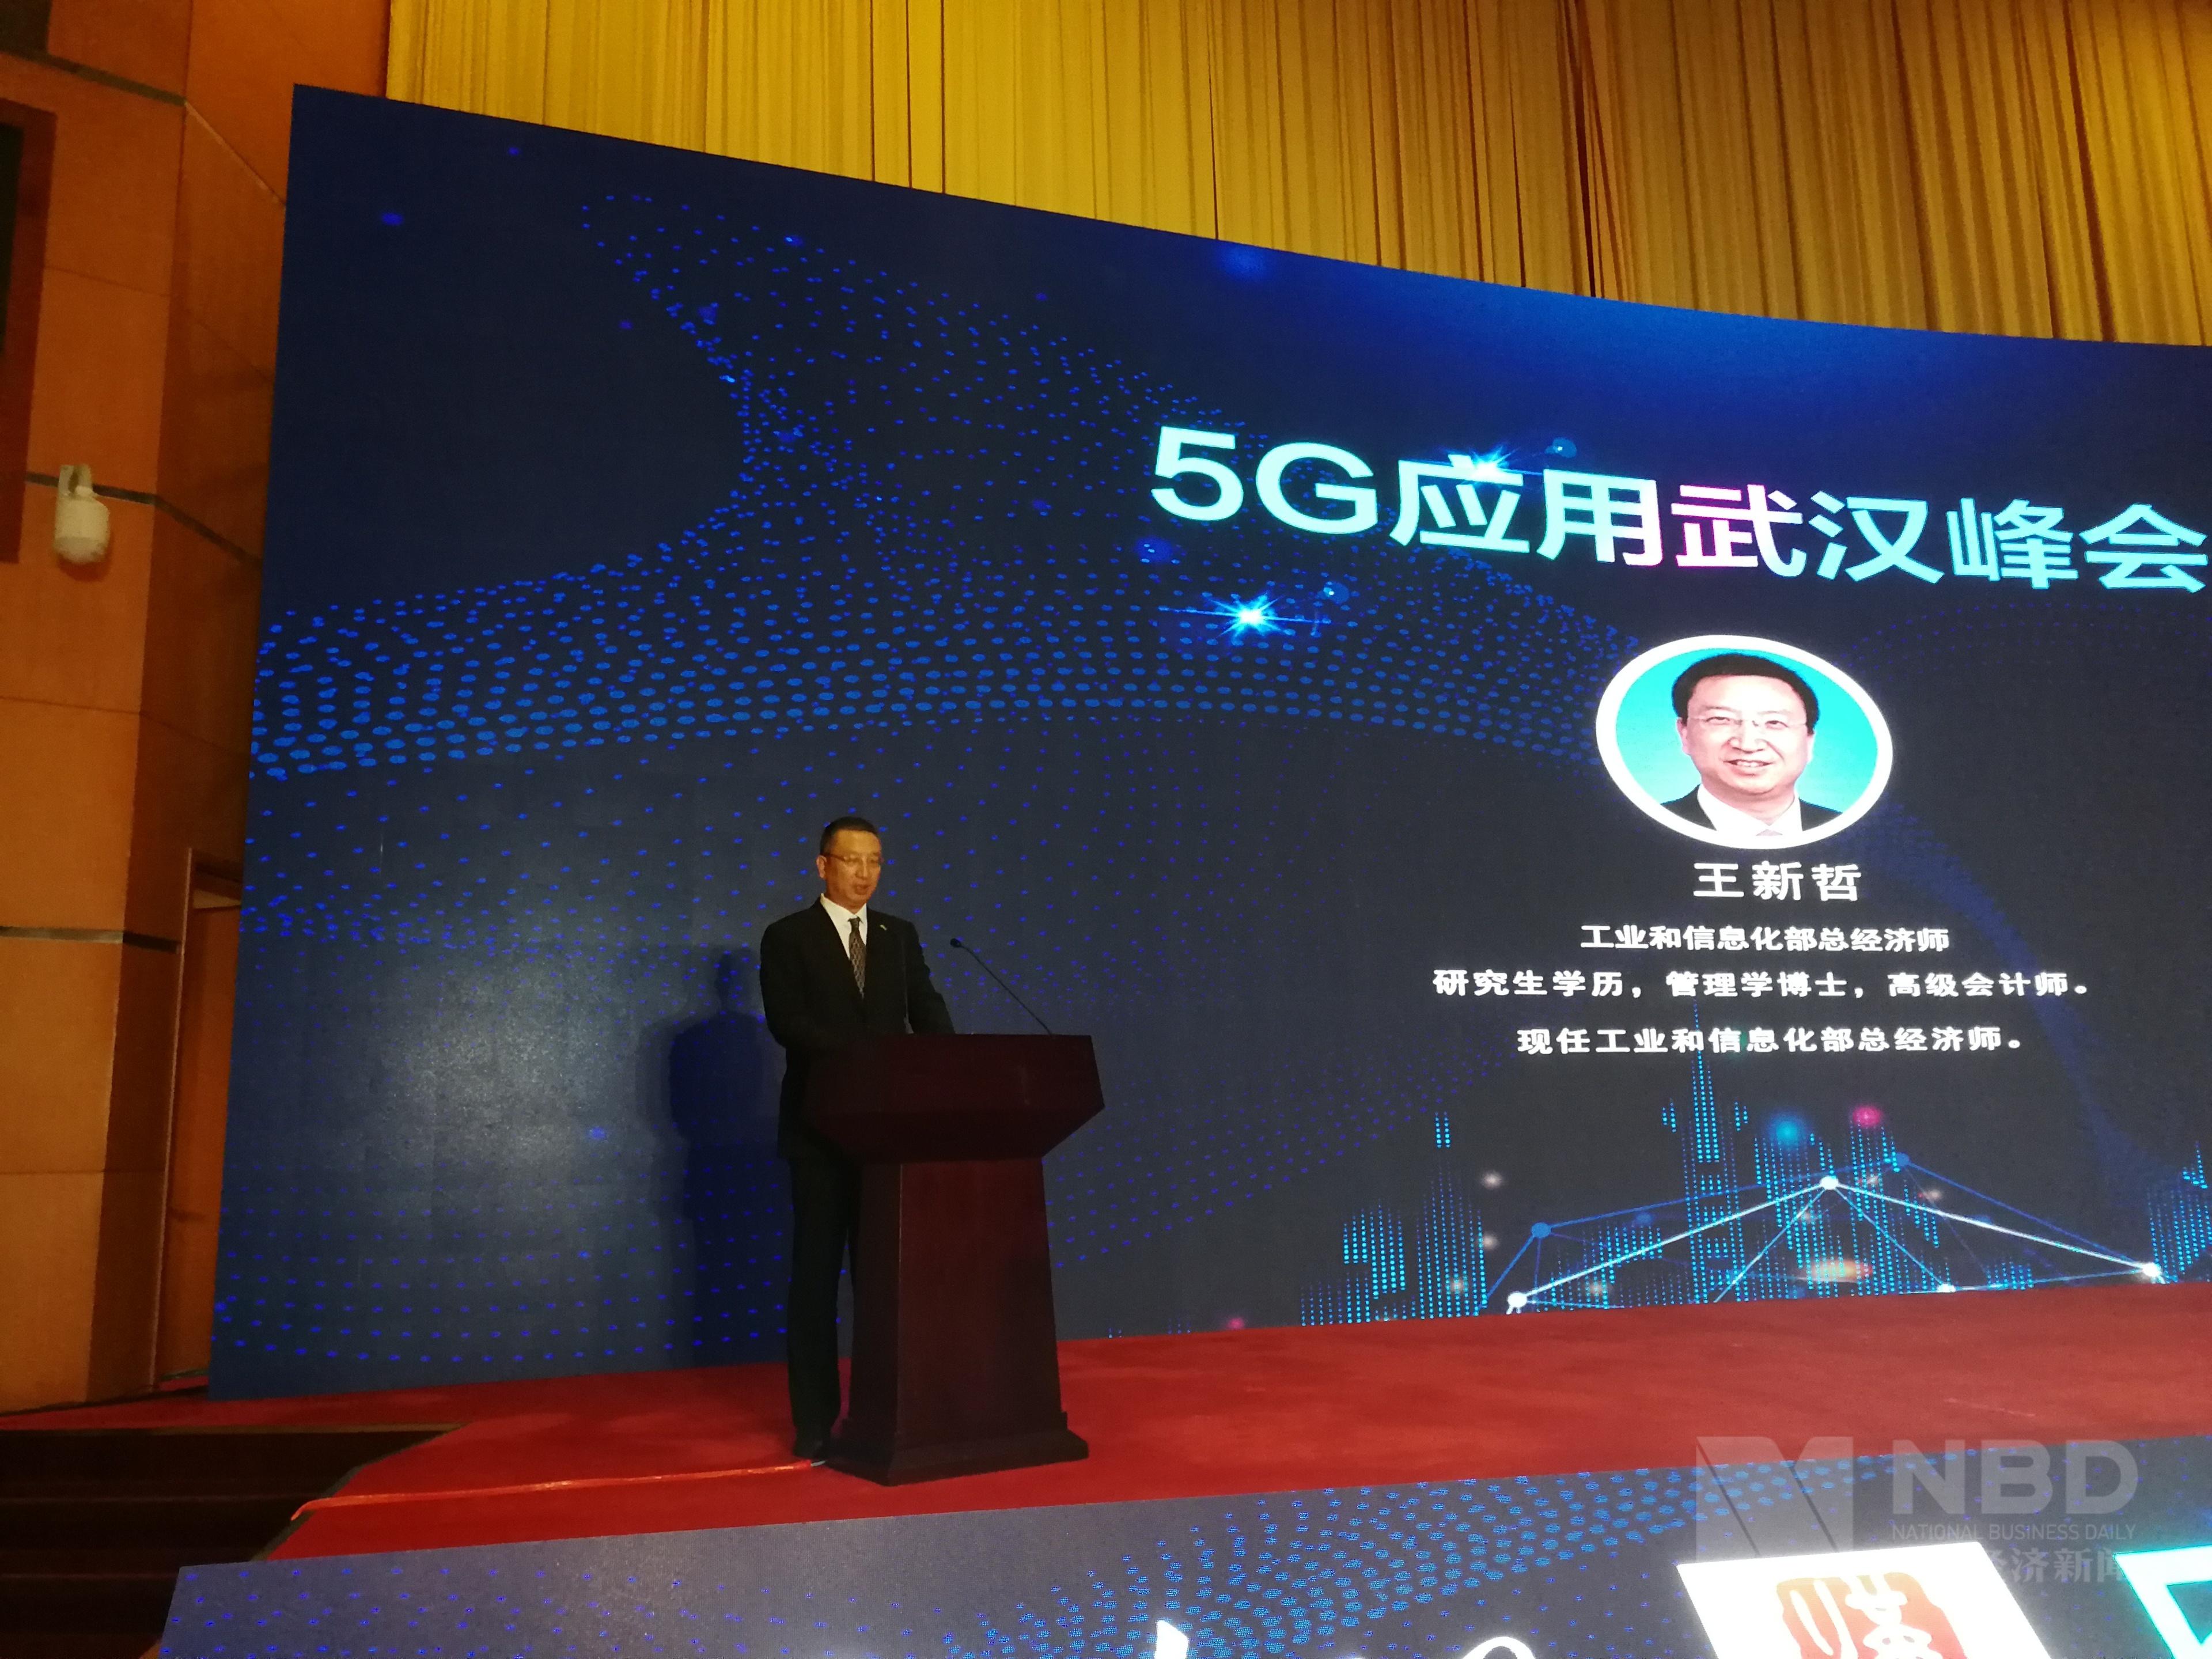 我国5G商用已周全展开 业内:将来5G应更多用于工业互联网